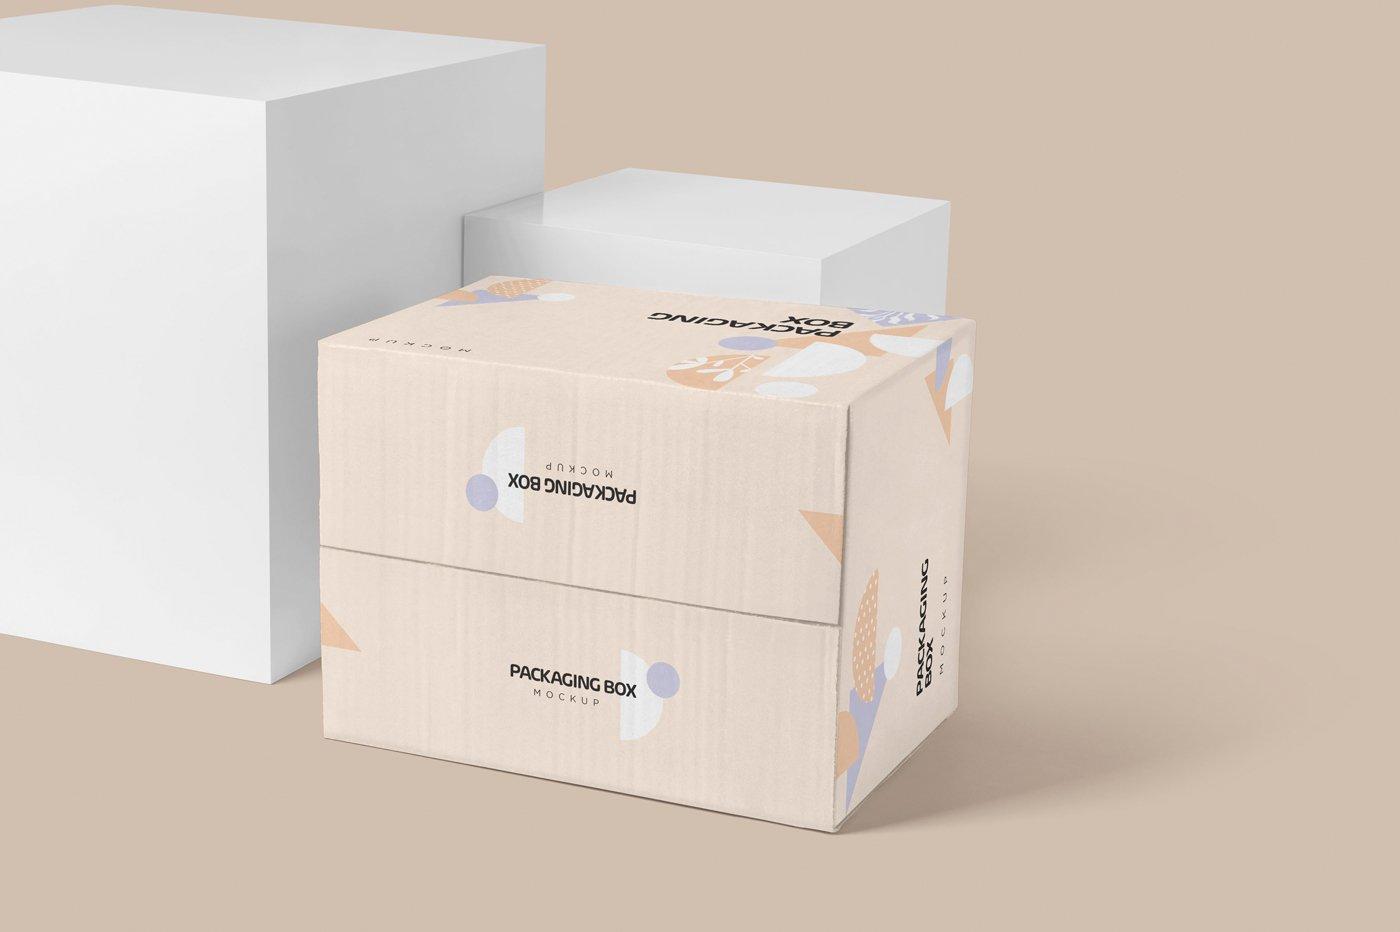 矩形瓦楞硬纸板快递包装箱设计展示样机 Rectangular Cardboard Box Mockups插图(4)